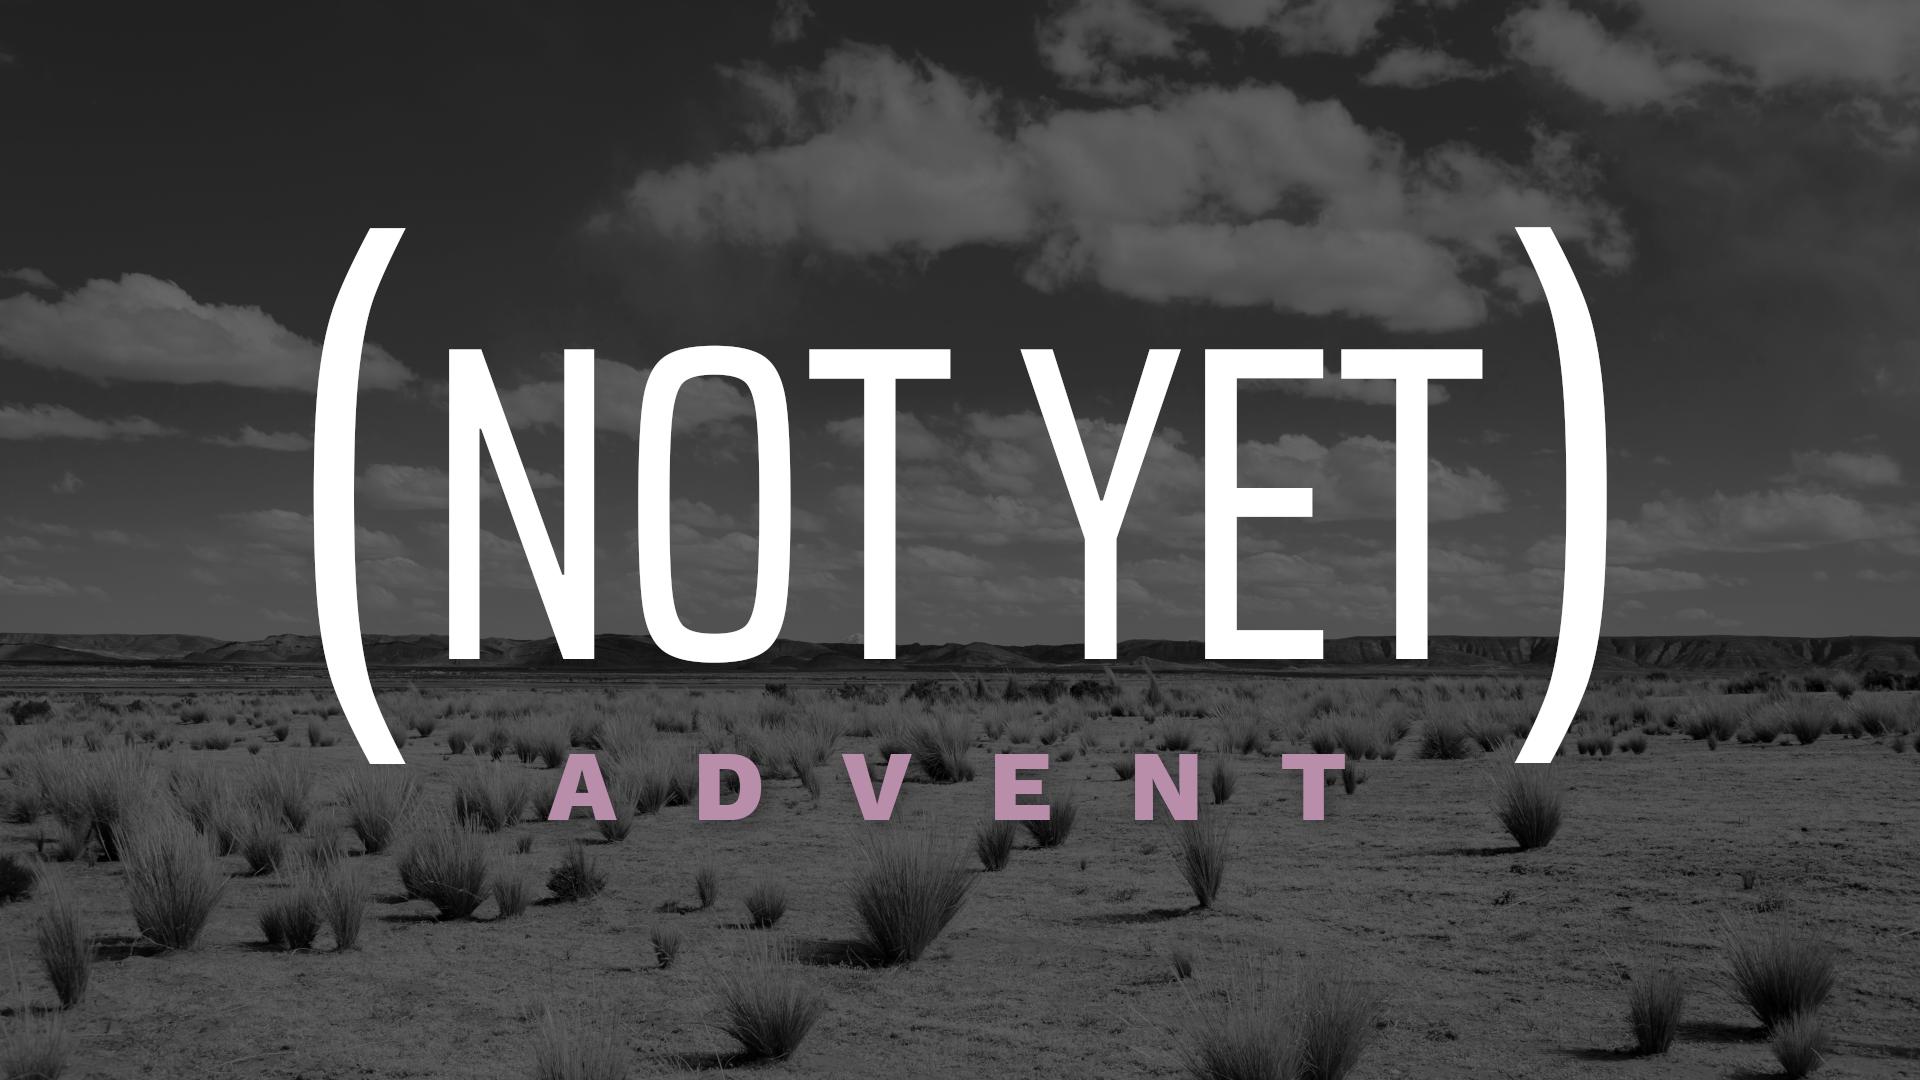 (Not Yet) Advent